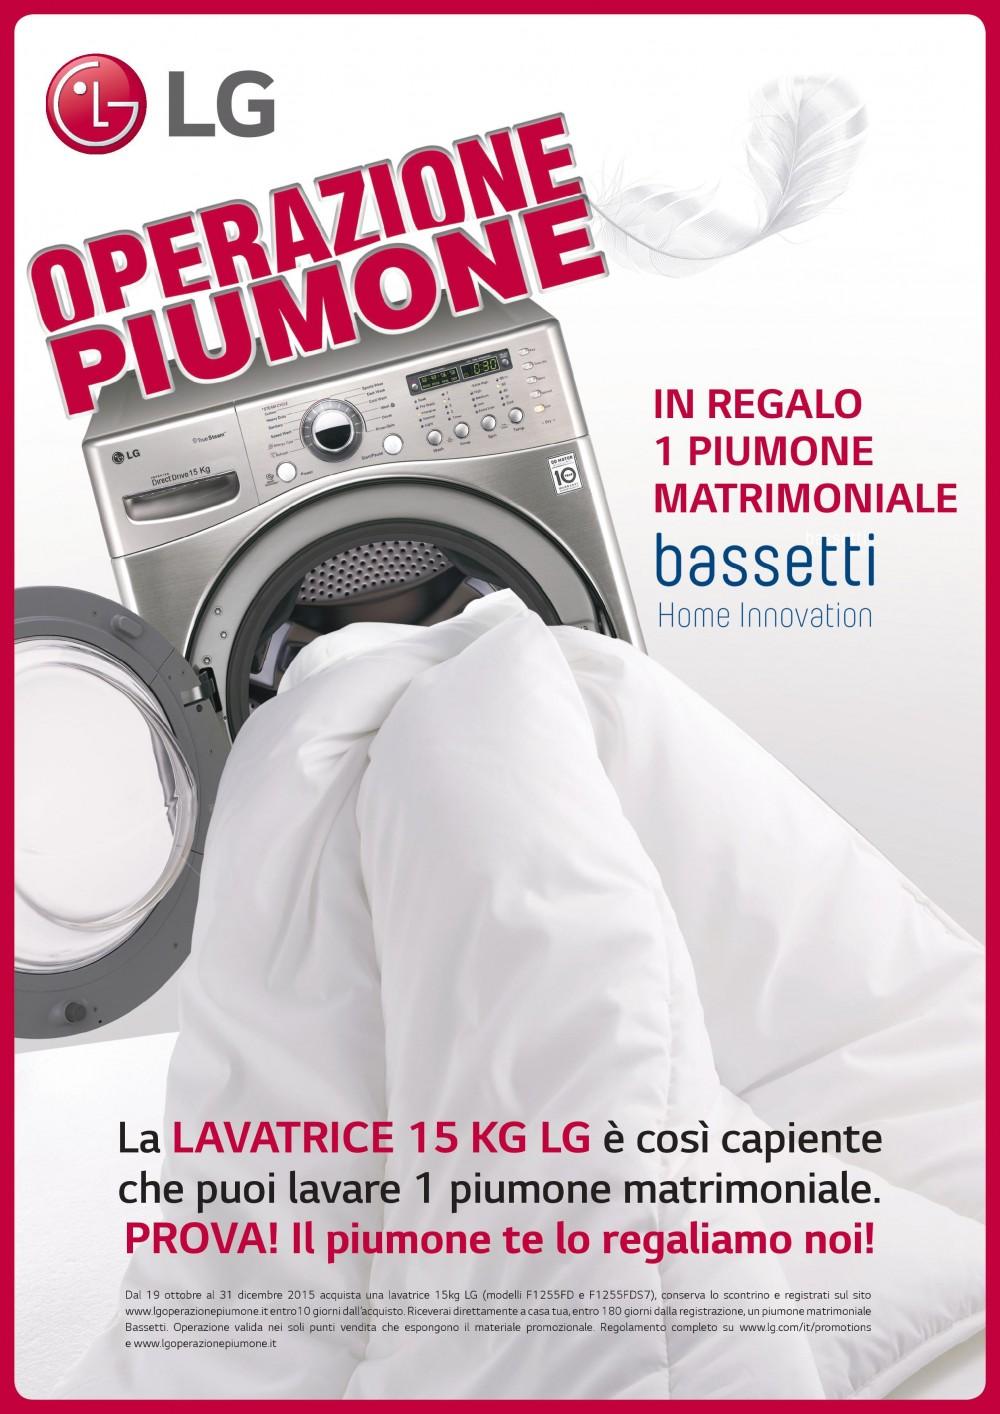 Promozione-LG_Piumone-Bassetti